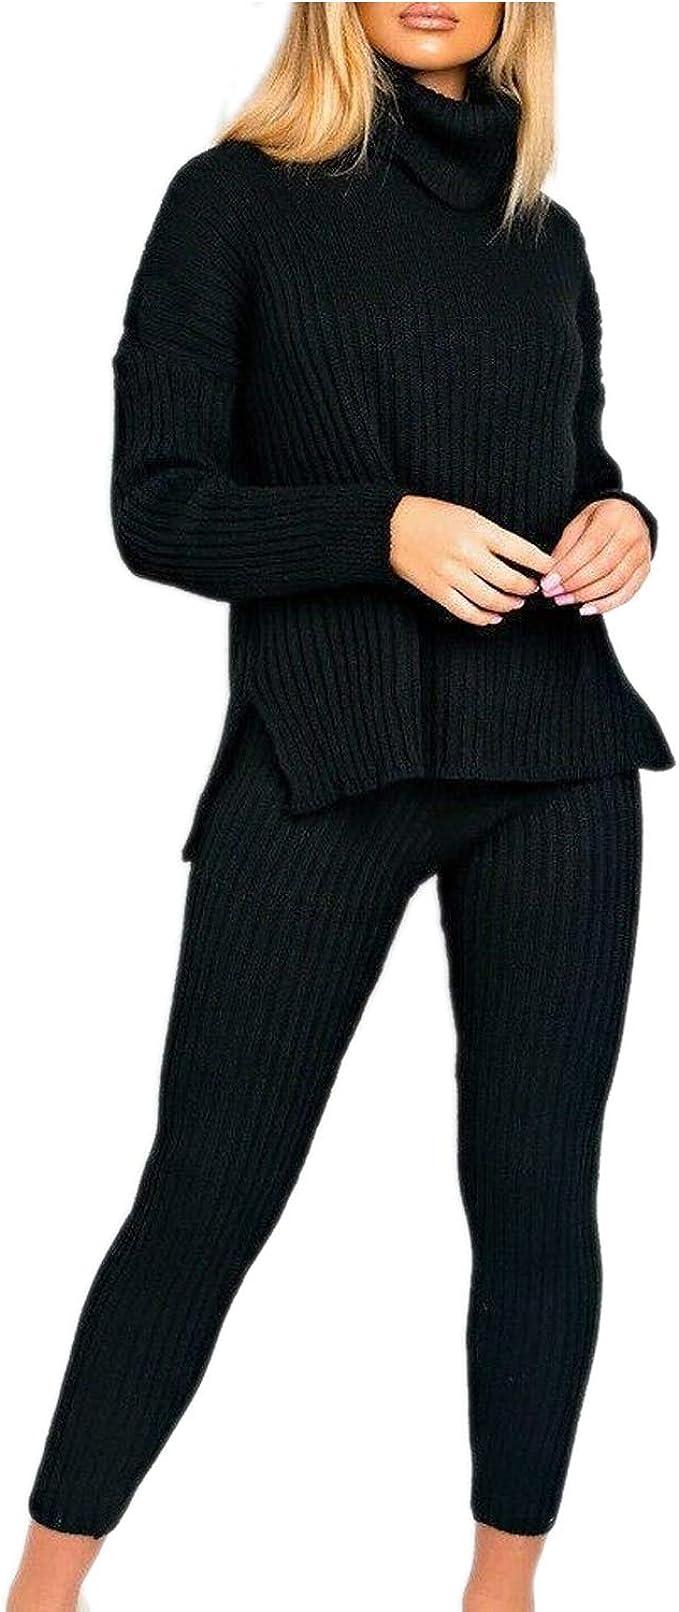 Femmes Col Roulé à Manches Longues Velours Combinaison Taille UK 8-14